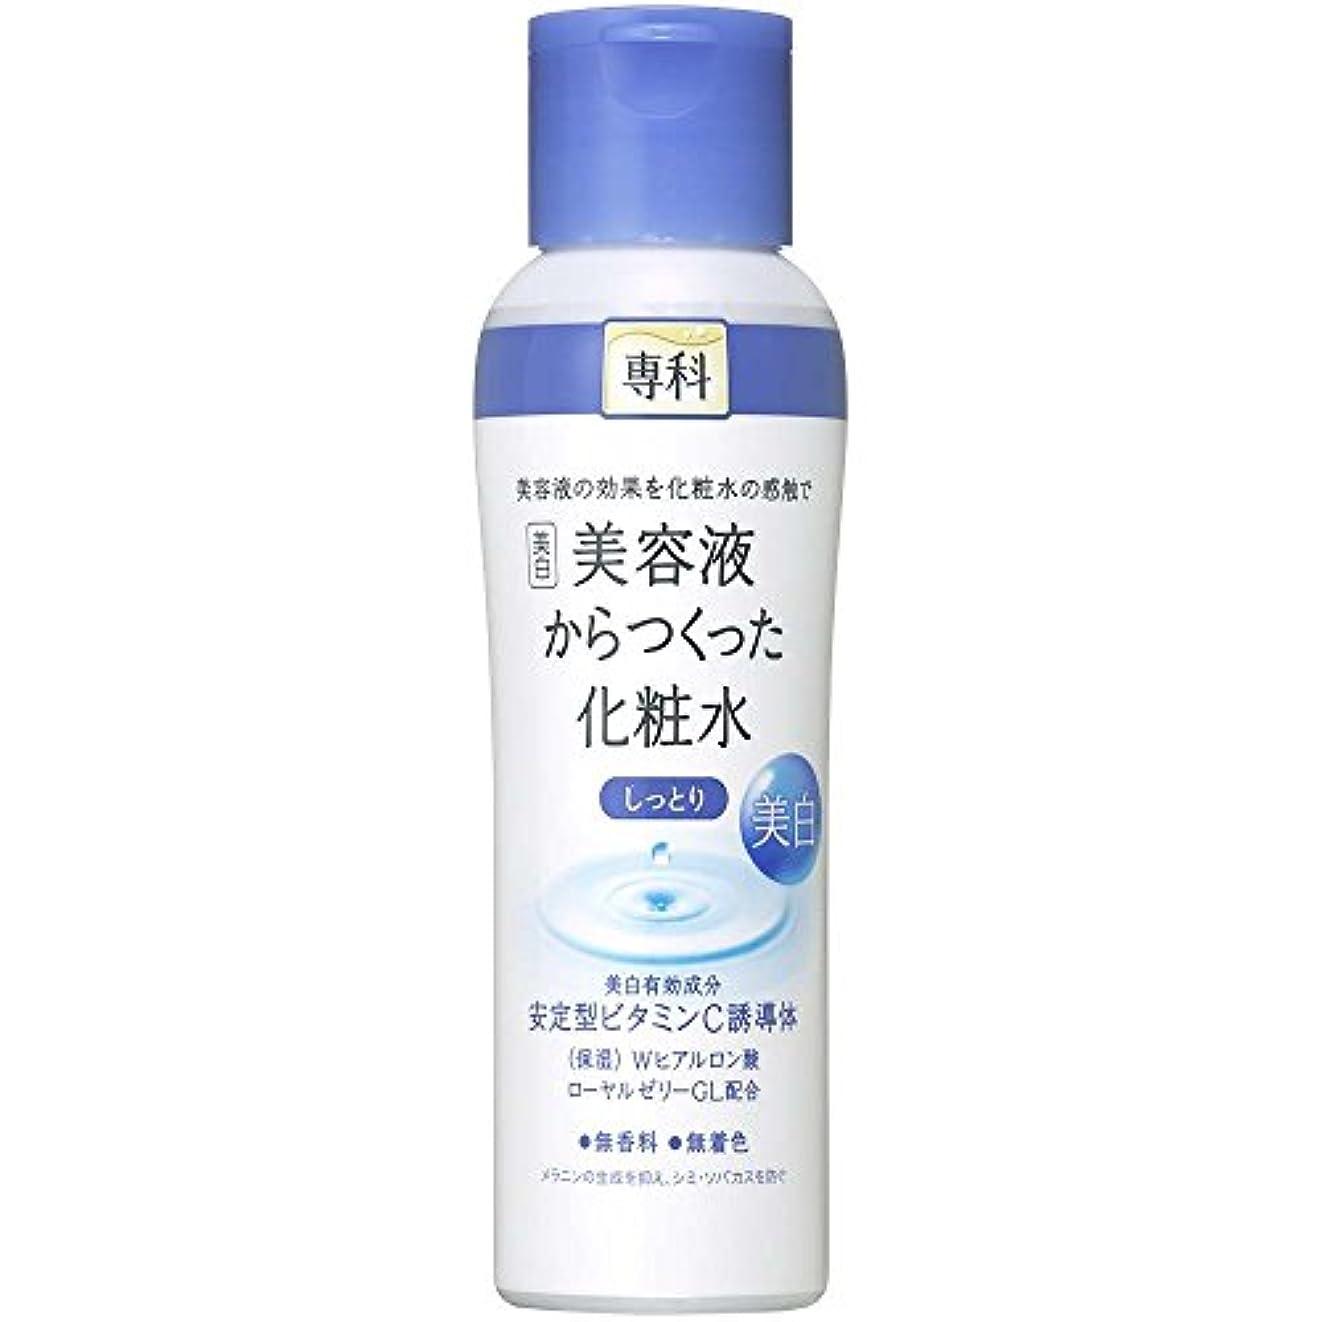 小麦粉傑出した熱心【アウトレット品】専科 美容液からつくった化粧水(しっとり)